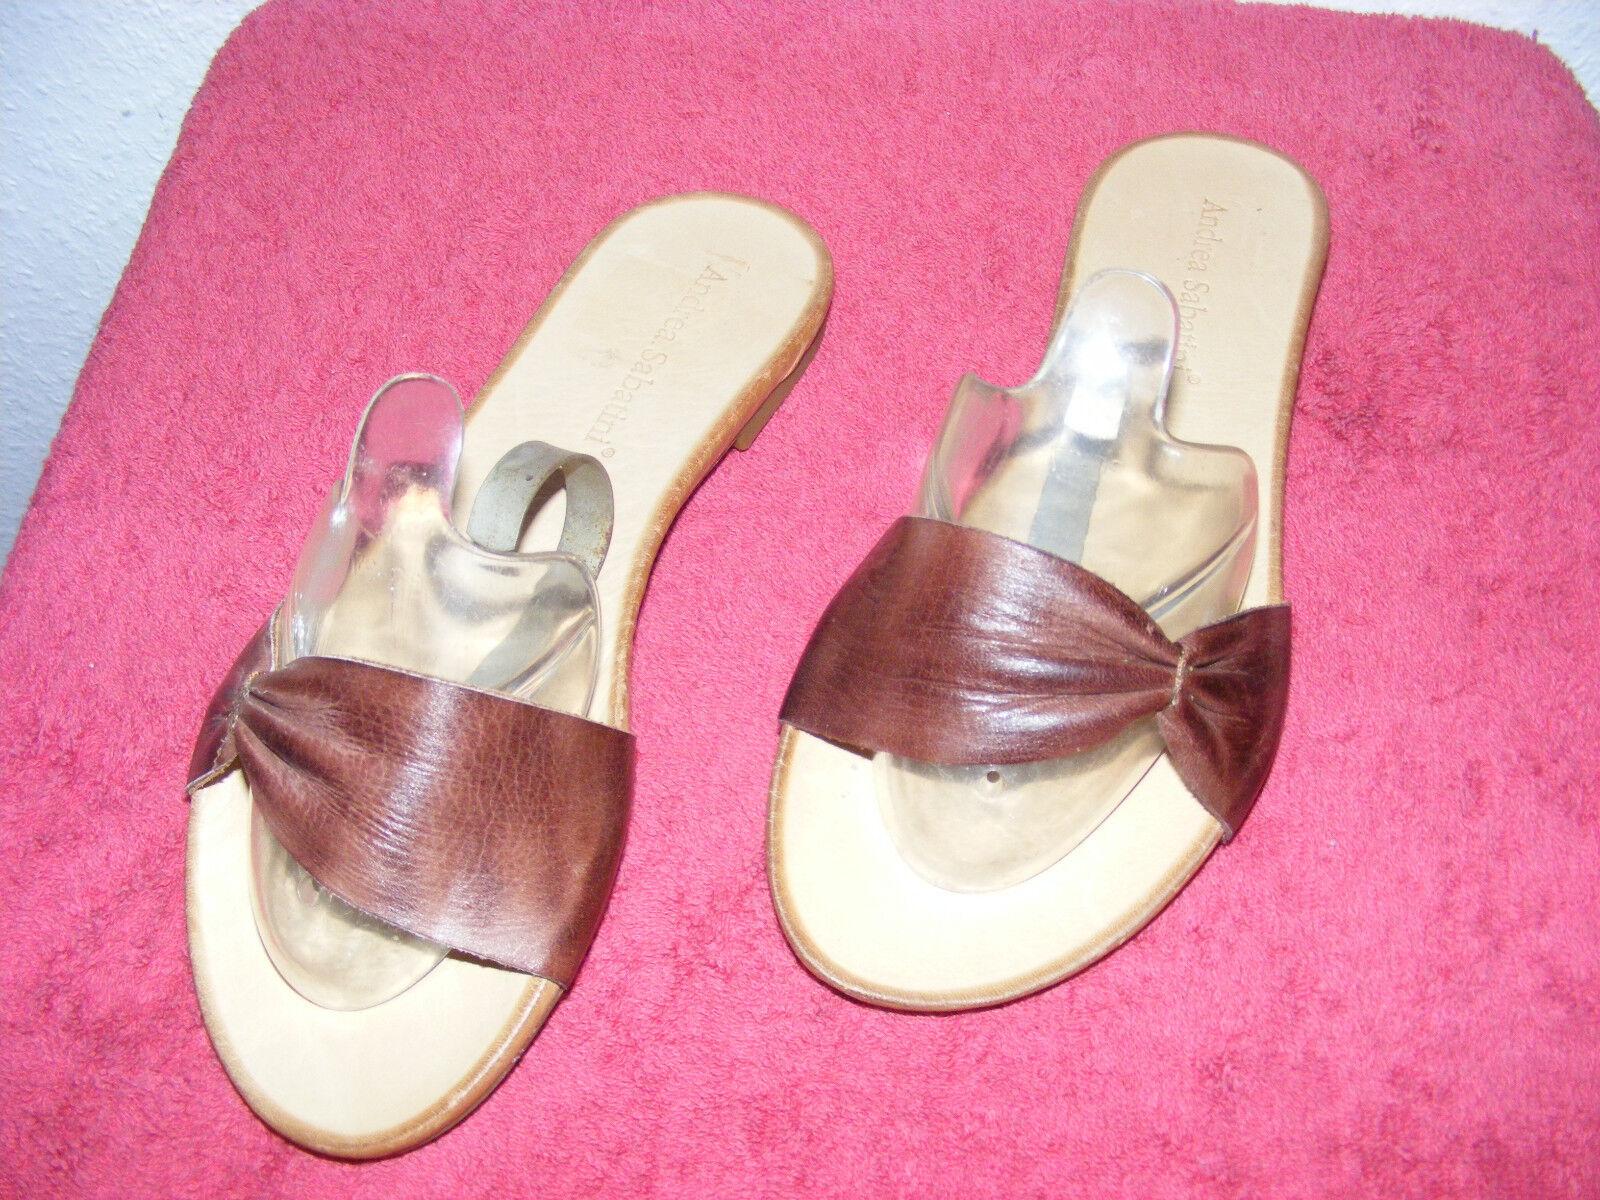 Andrea Sabatini nuevo sandalias zapatillas, estorbos señora marrón plana